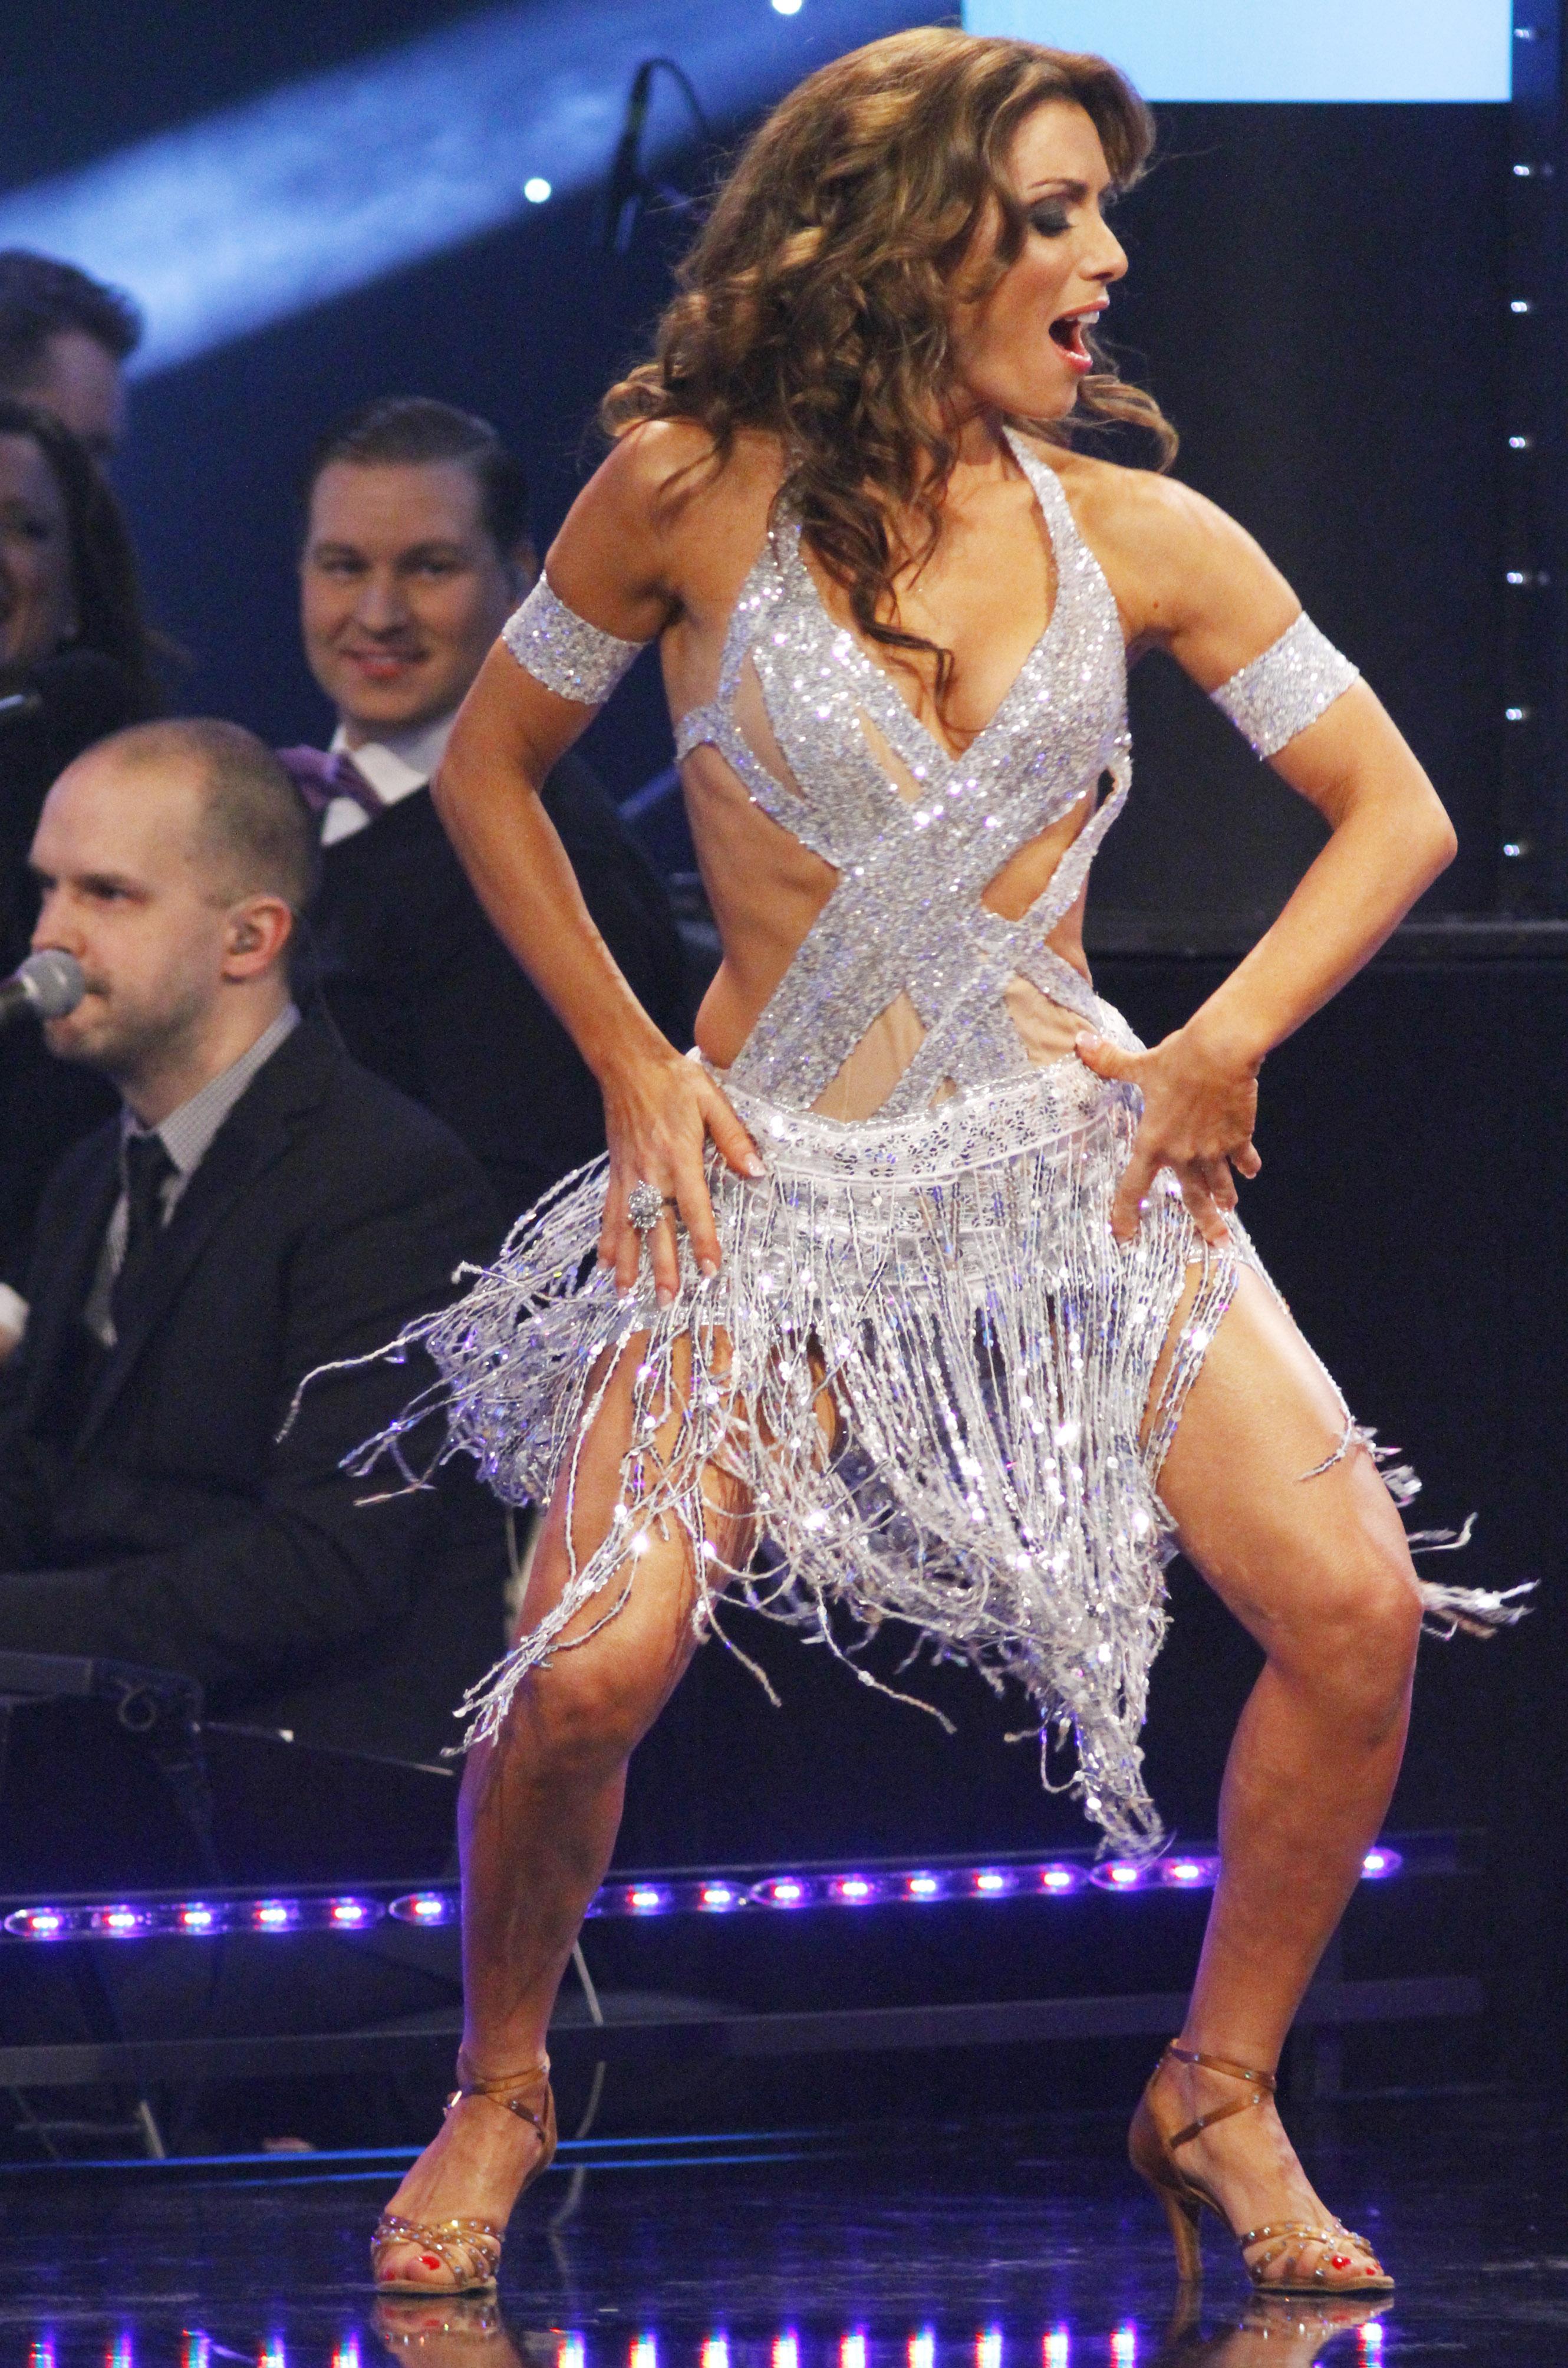 pascalidiou dancing